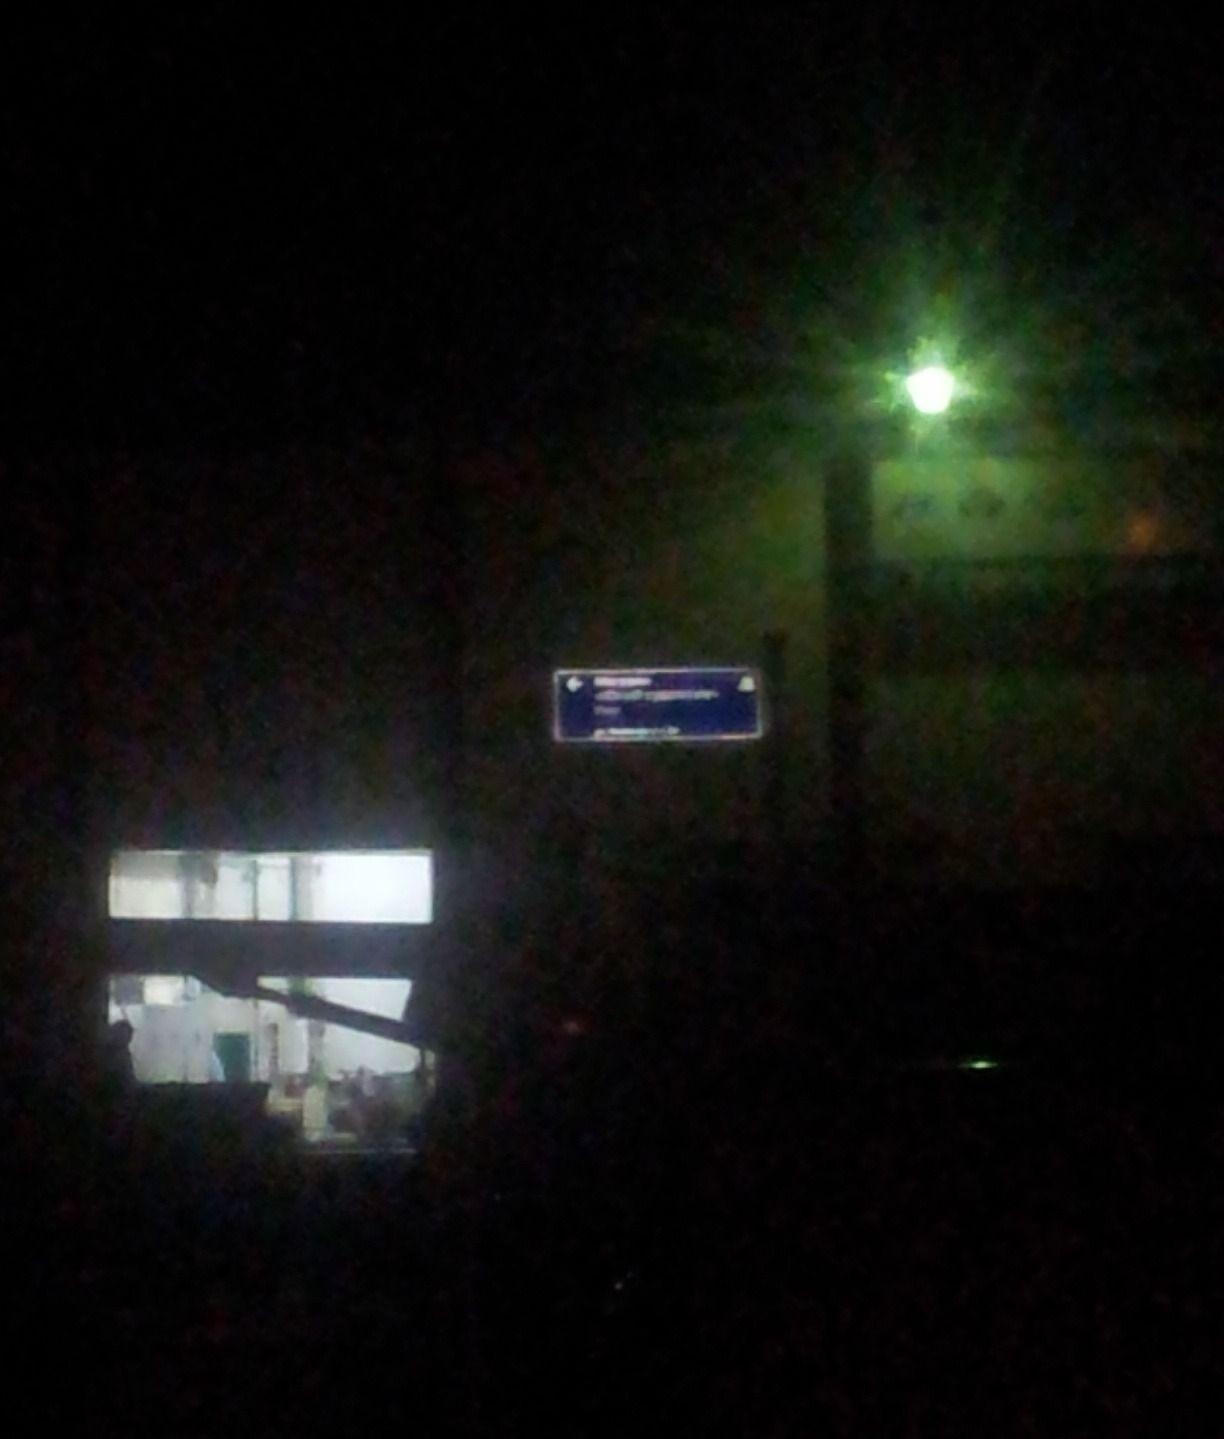 Рекламная подсветка на земляных батареях